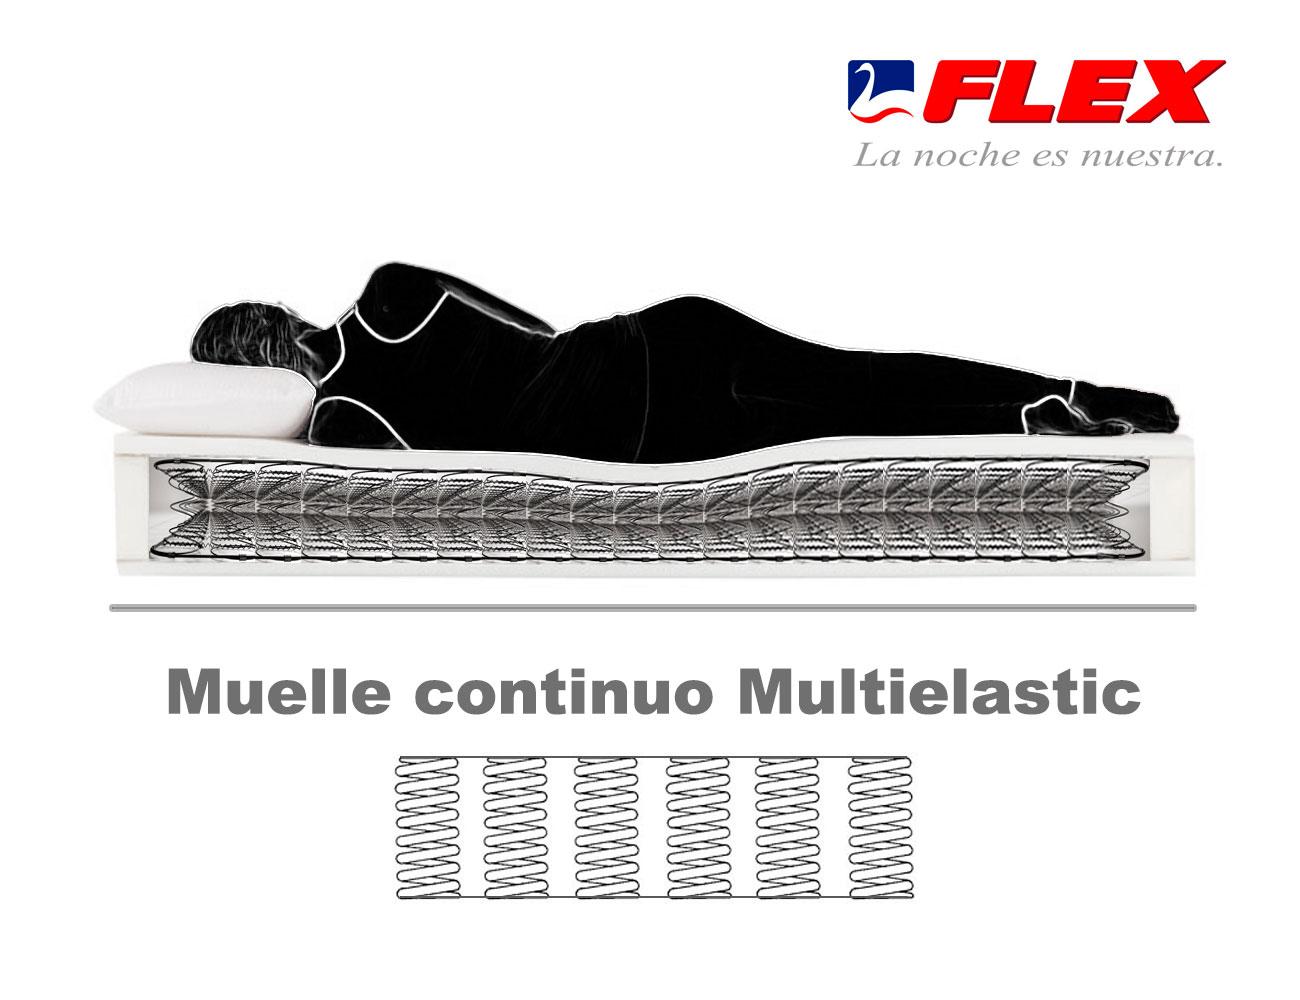 Muelle continuo multielastic flex